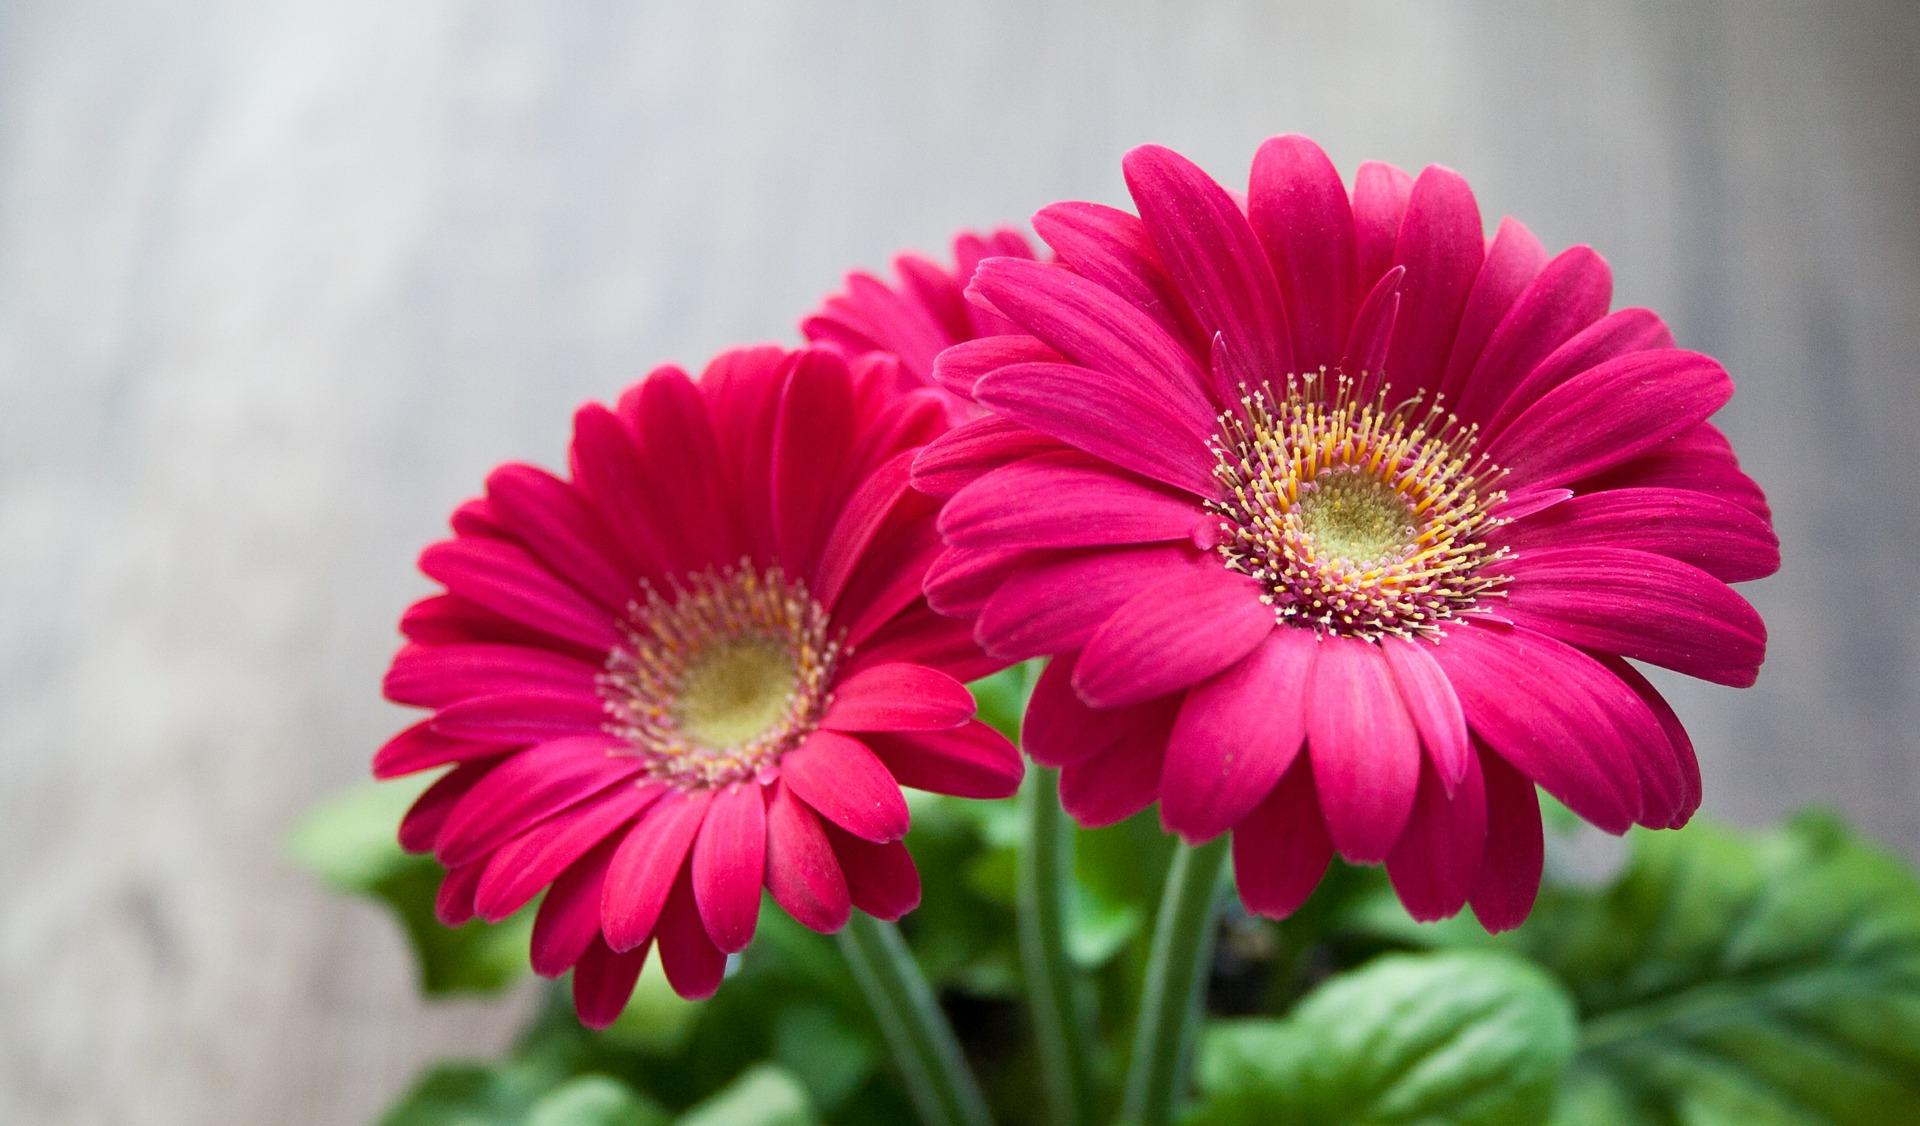 flower-631765_1920